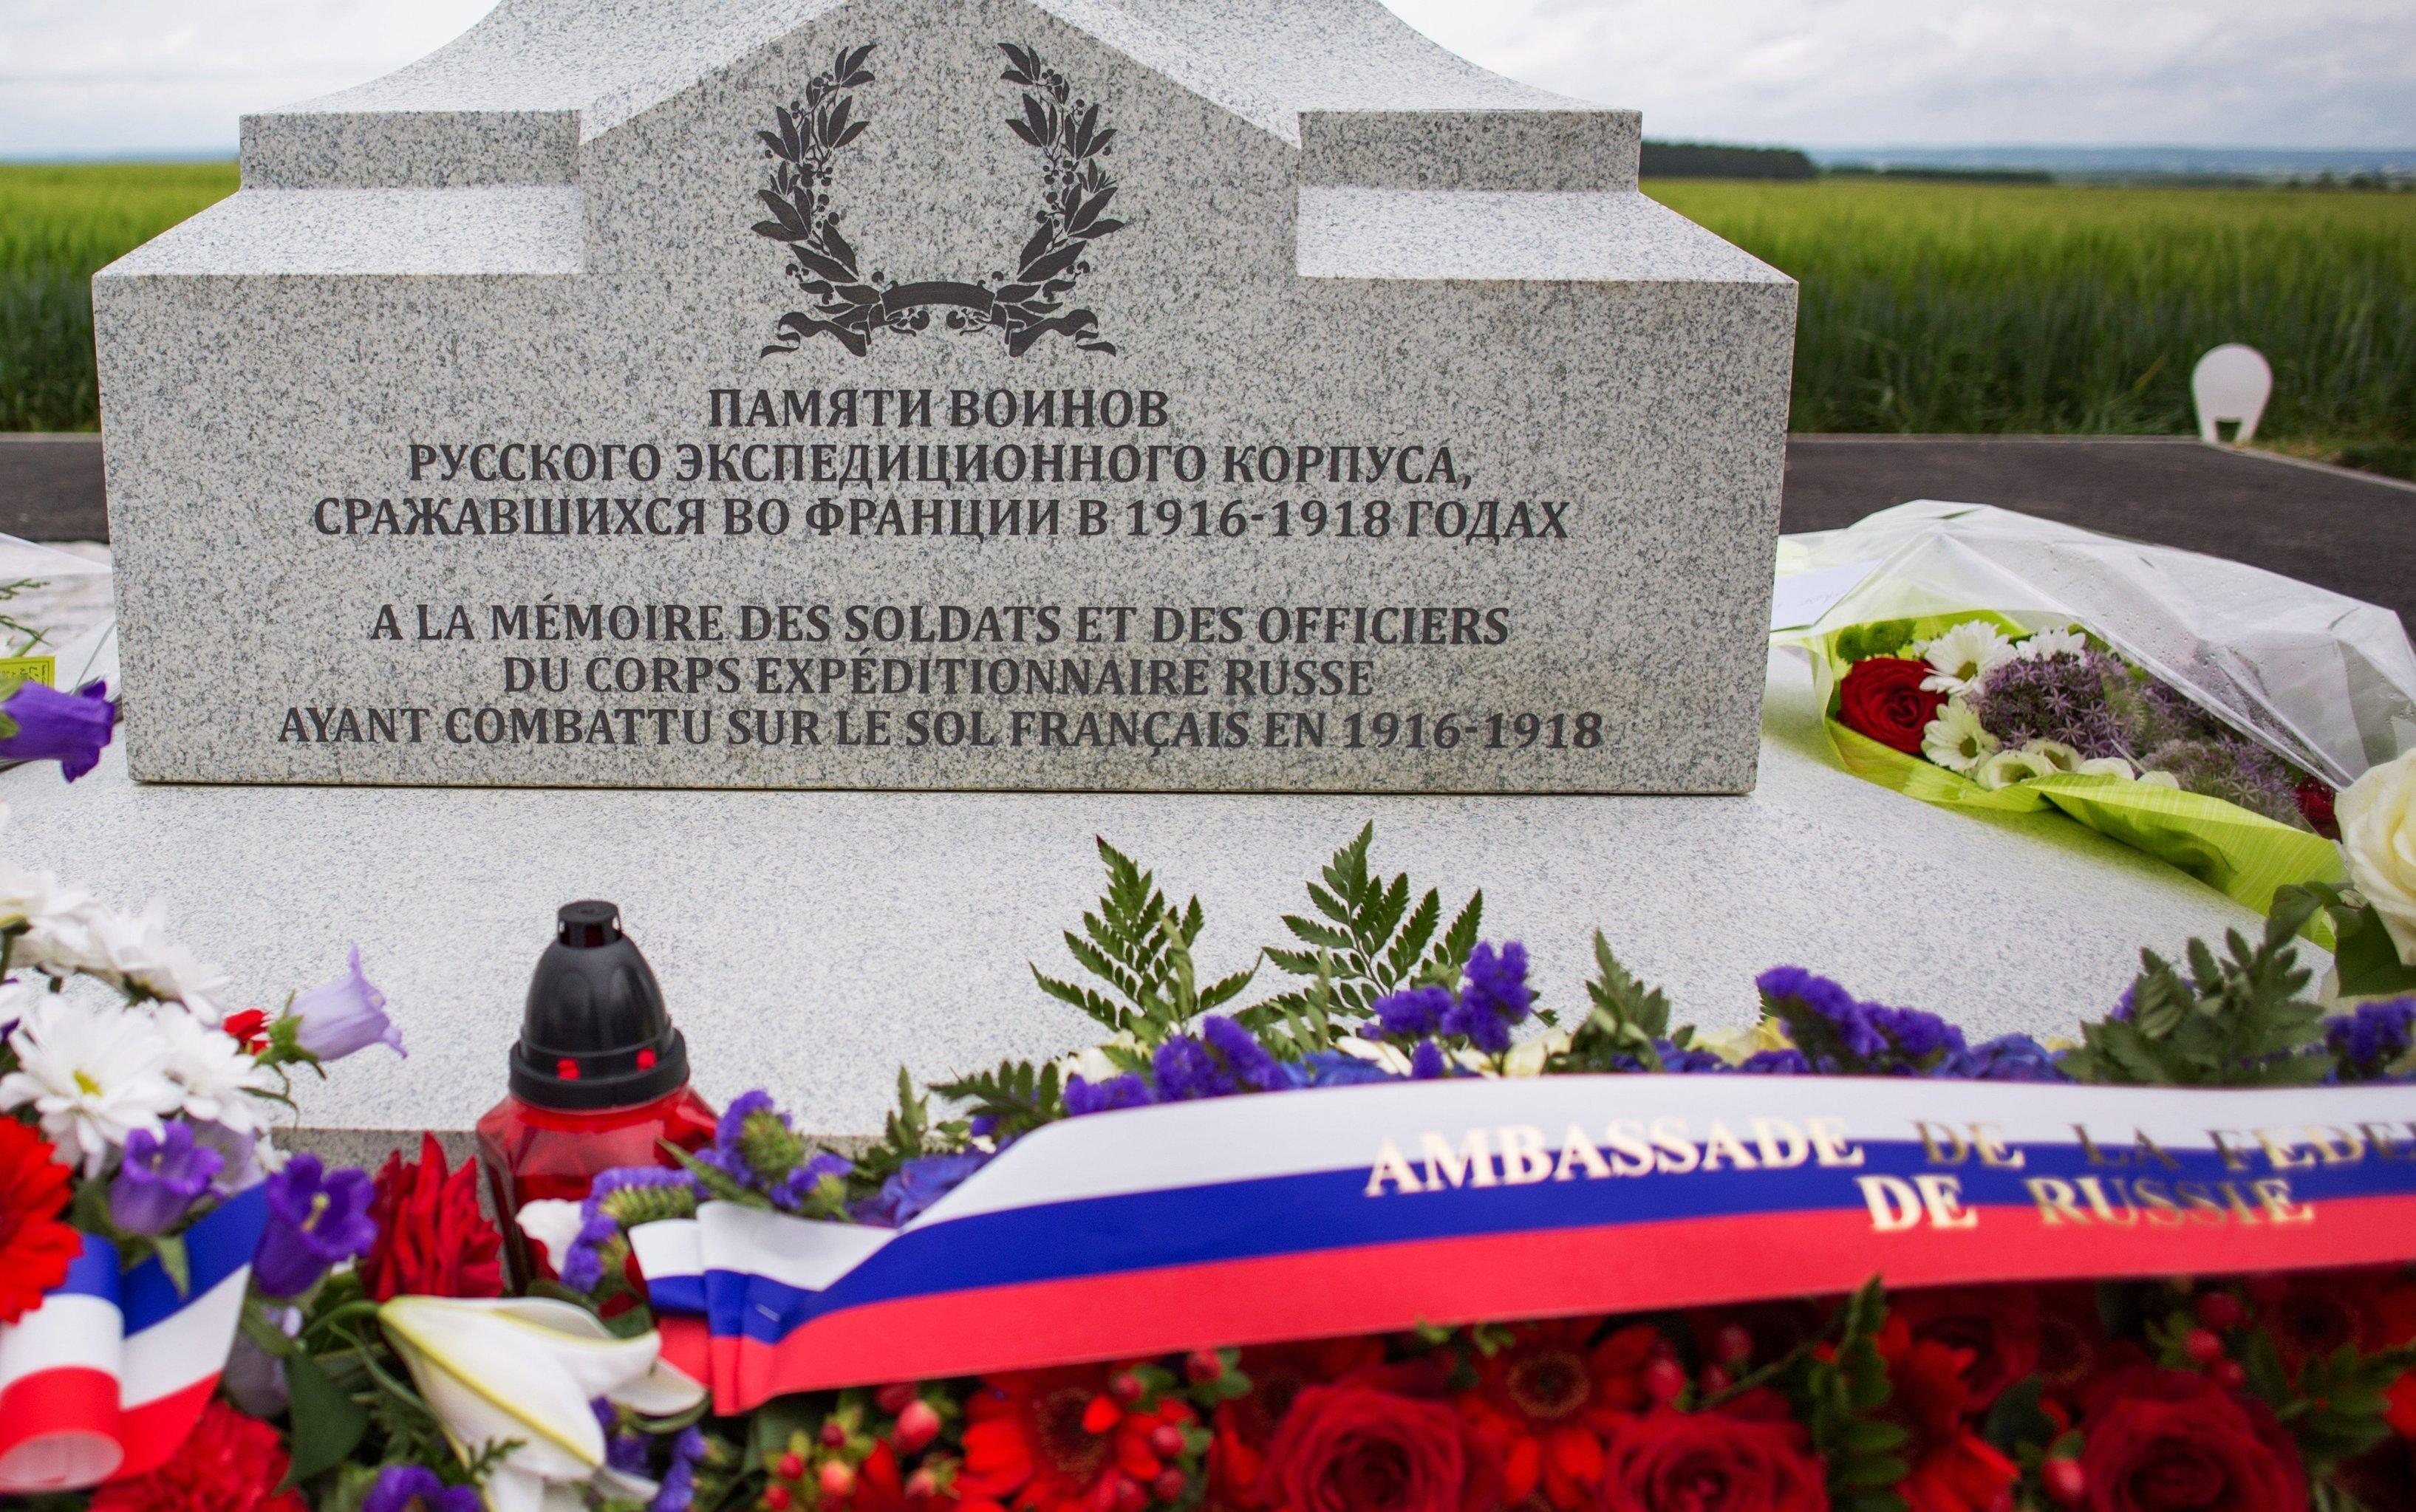 Un monument en mémoire des soldats russes morts en 1917